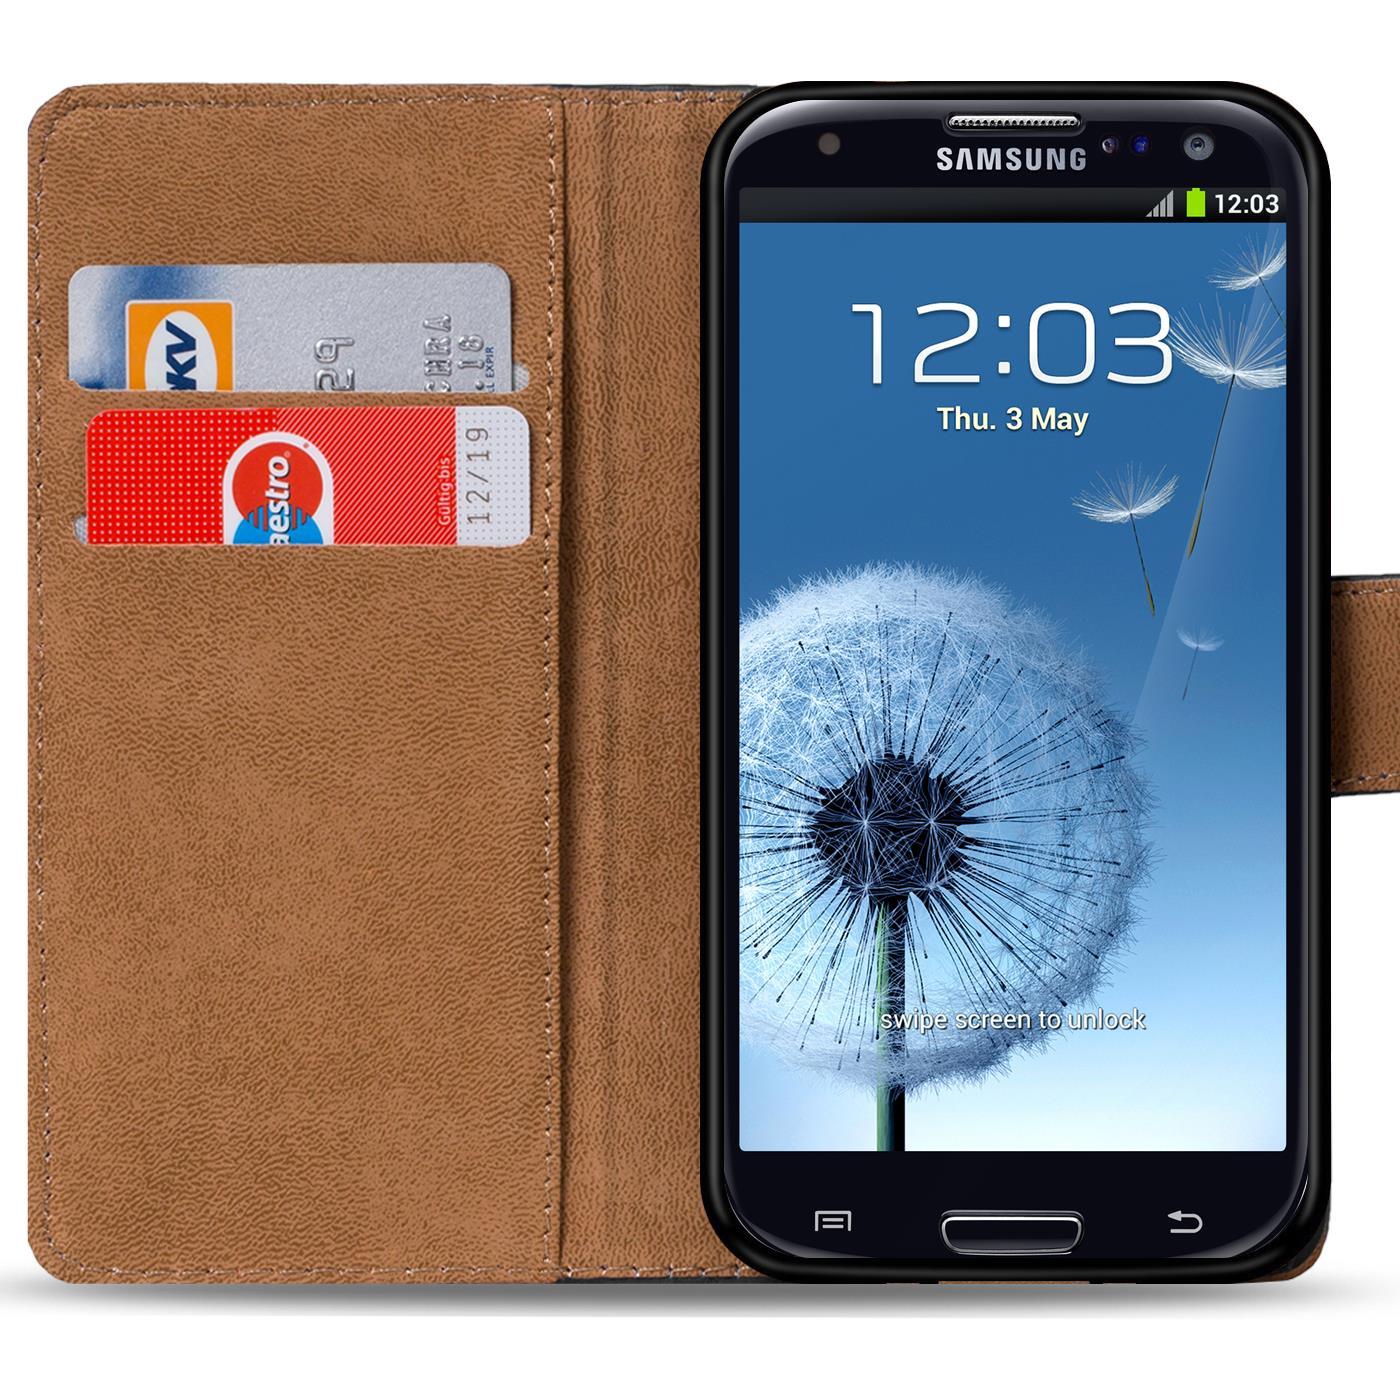 Book-Case-Samsung-Galaxy-S3-Neo-Huelle-Tasche-Flip-Cover-Handy-Schutz-Etui-Rot